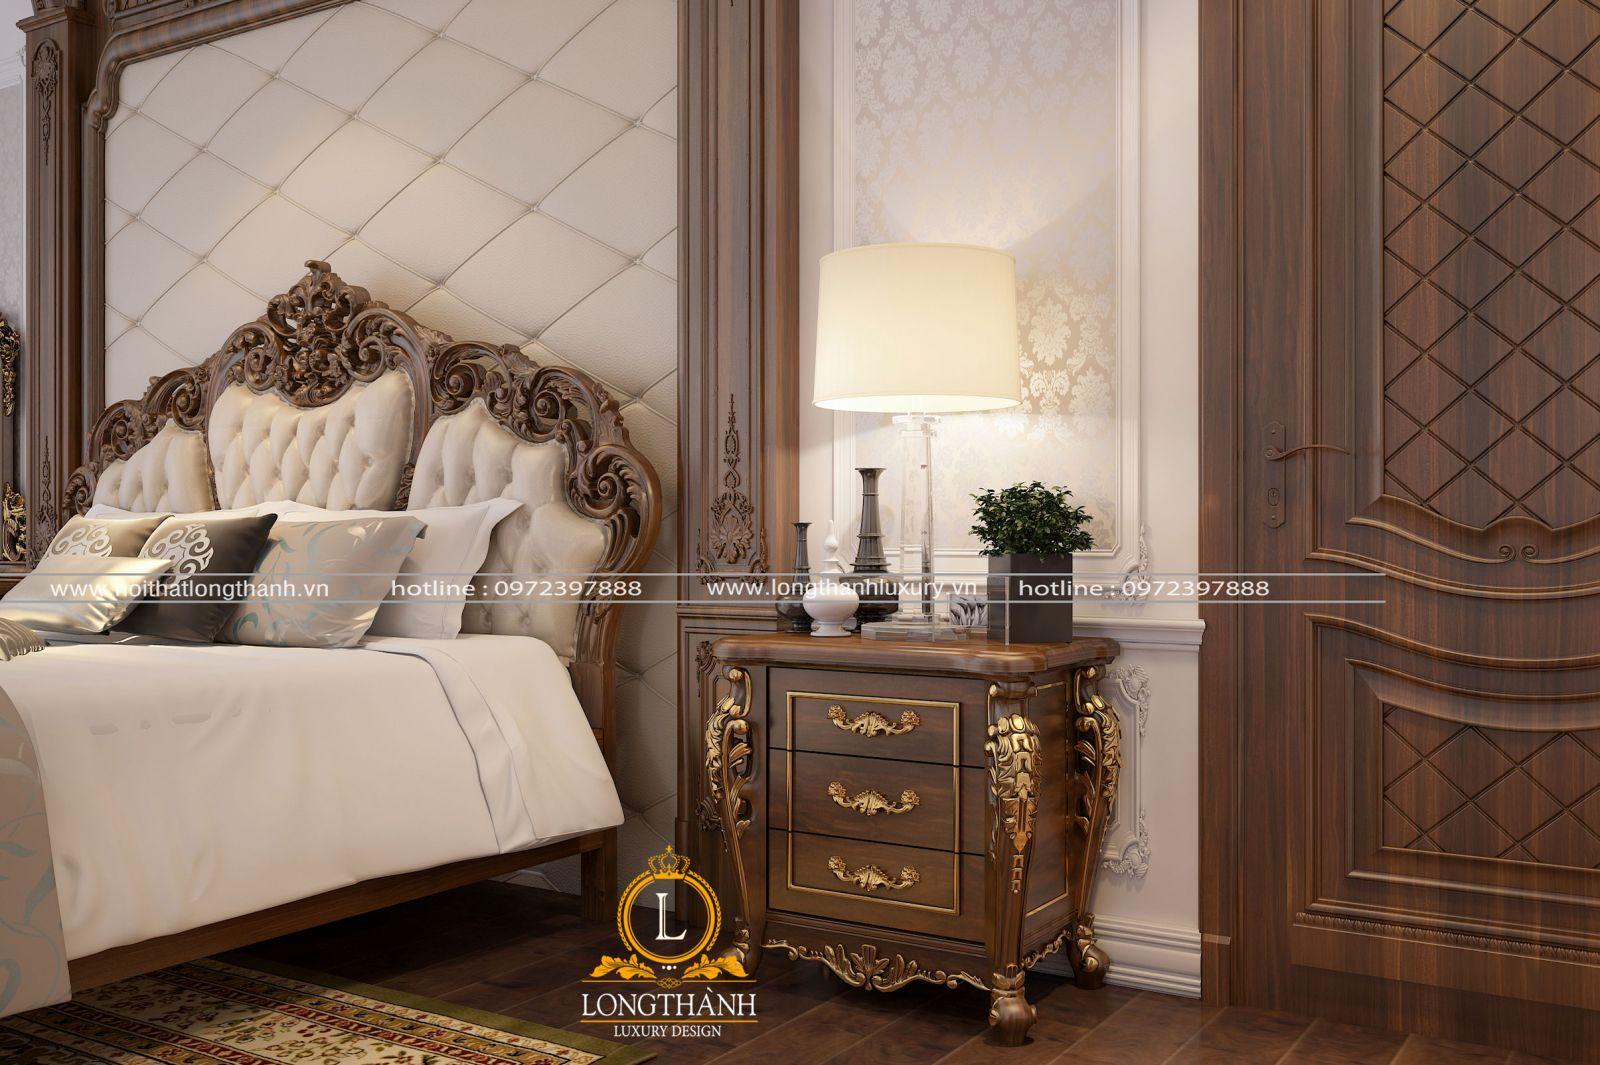 10+ mẫu tap đầu giường sang trọng cho phòng ngủ tân cổ điển